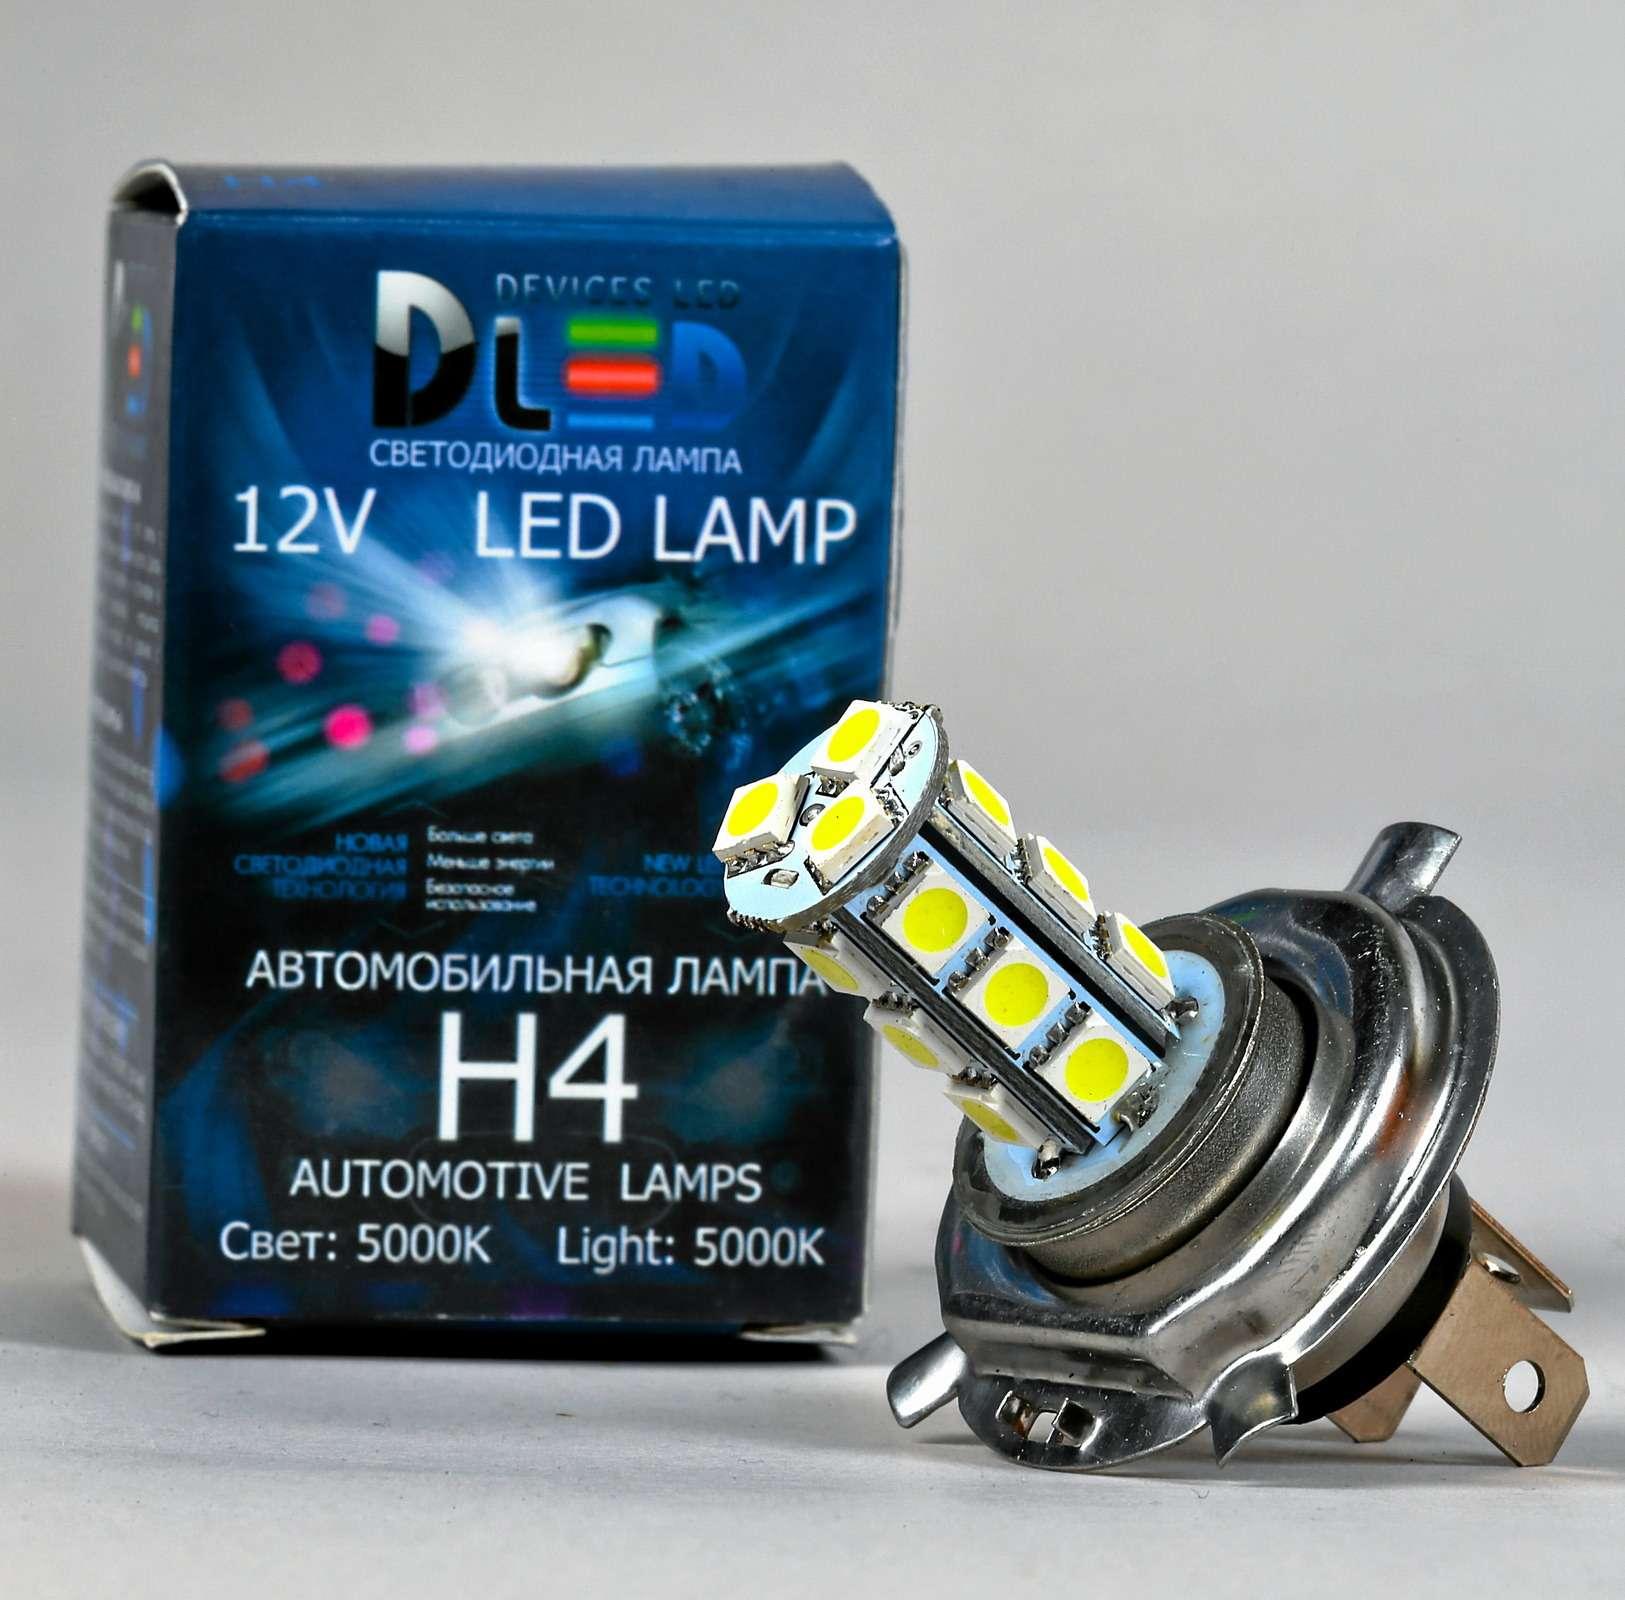 Мученье— свет: нестандартные лампы H4в штатной фаре— фото 568977